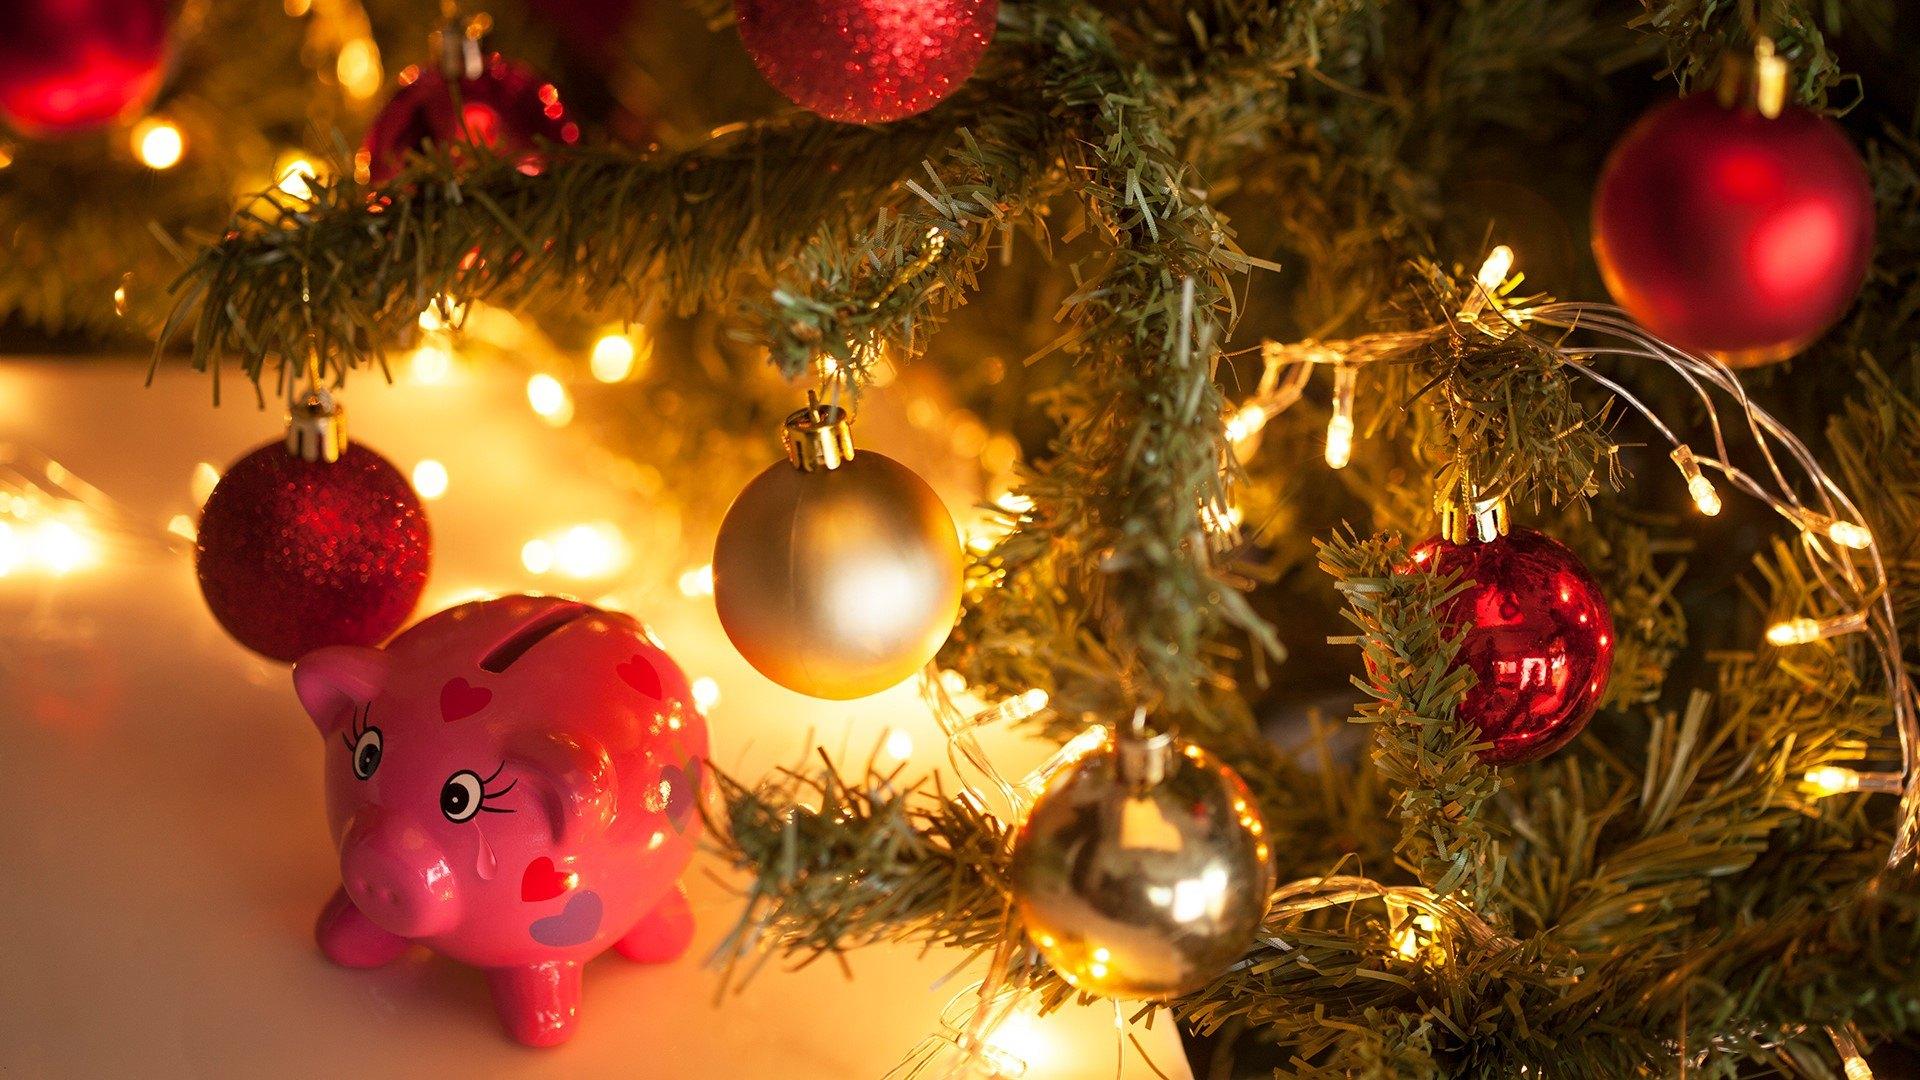 Новый 2019 год: что ждать от Желтой Земляной Свиньи